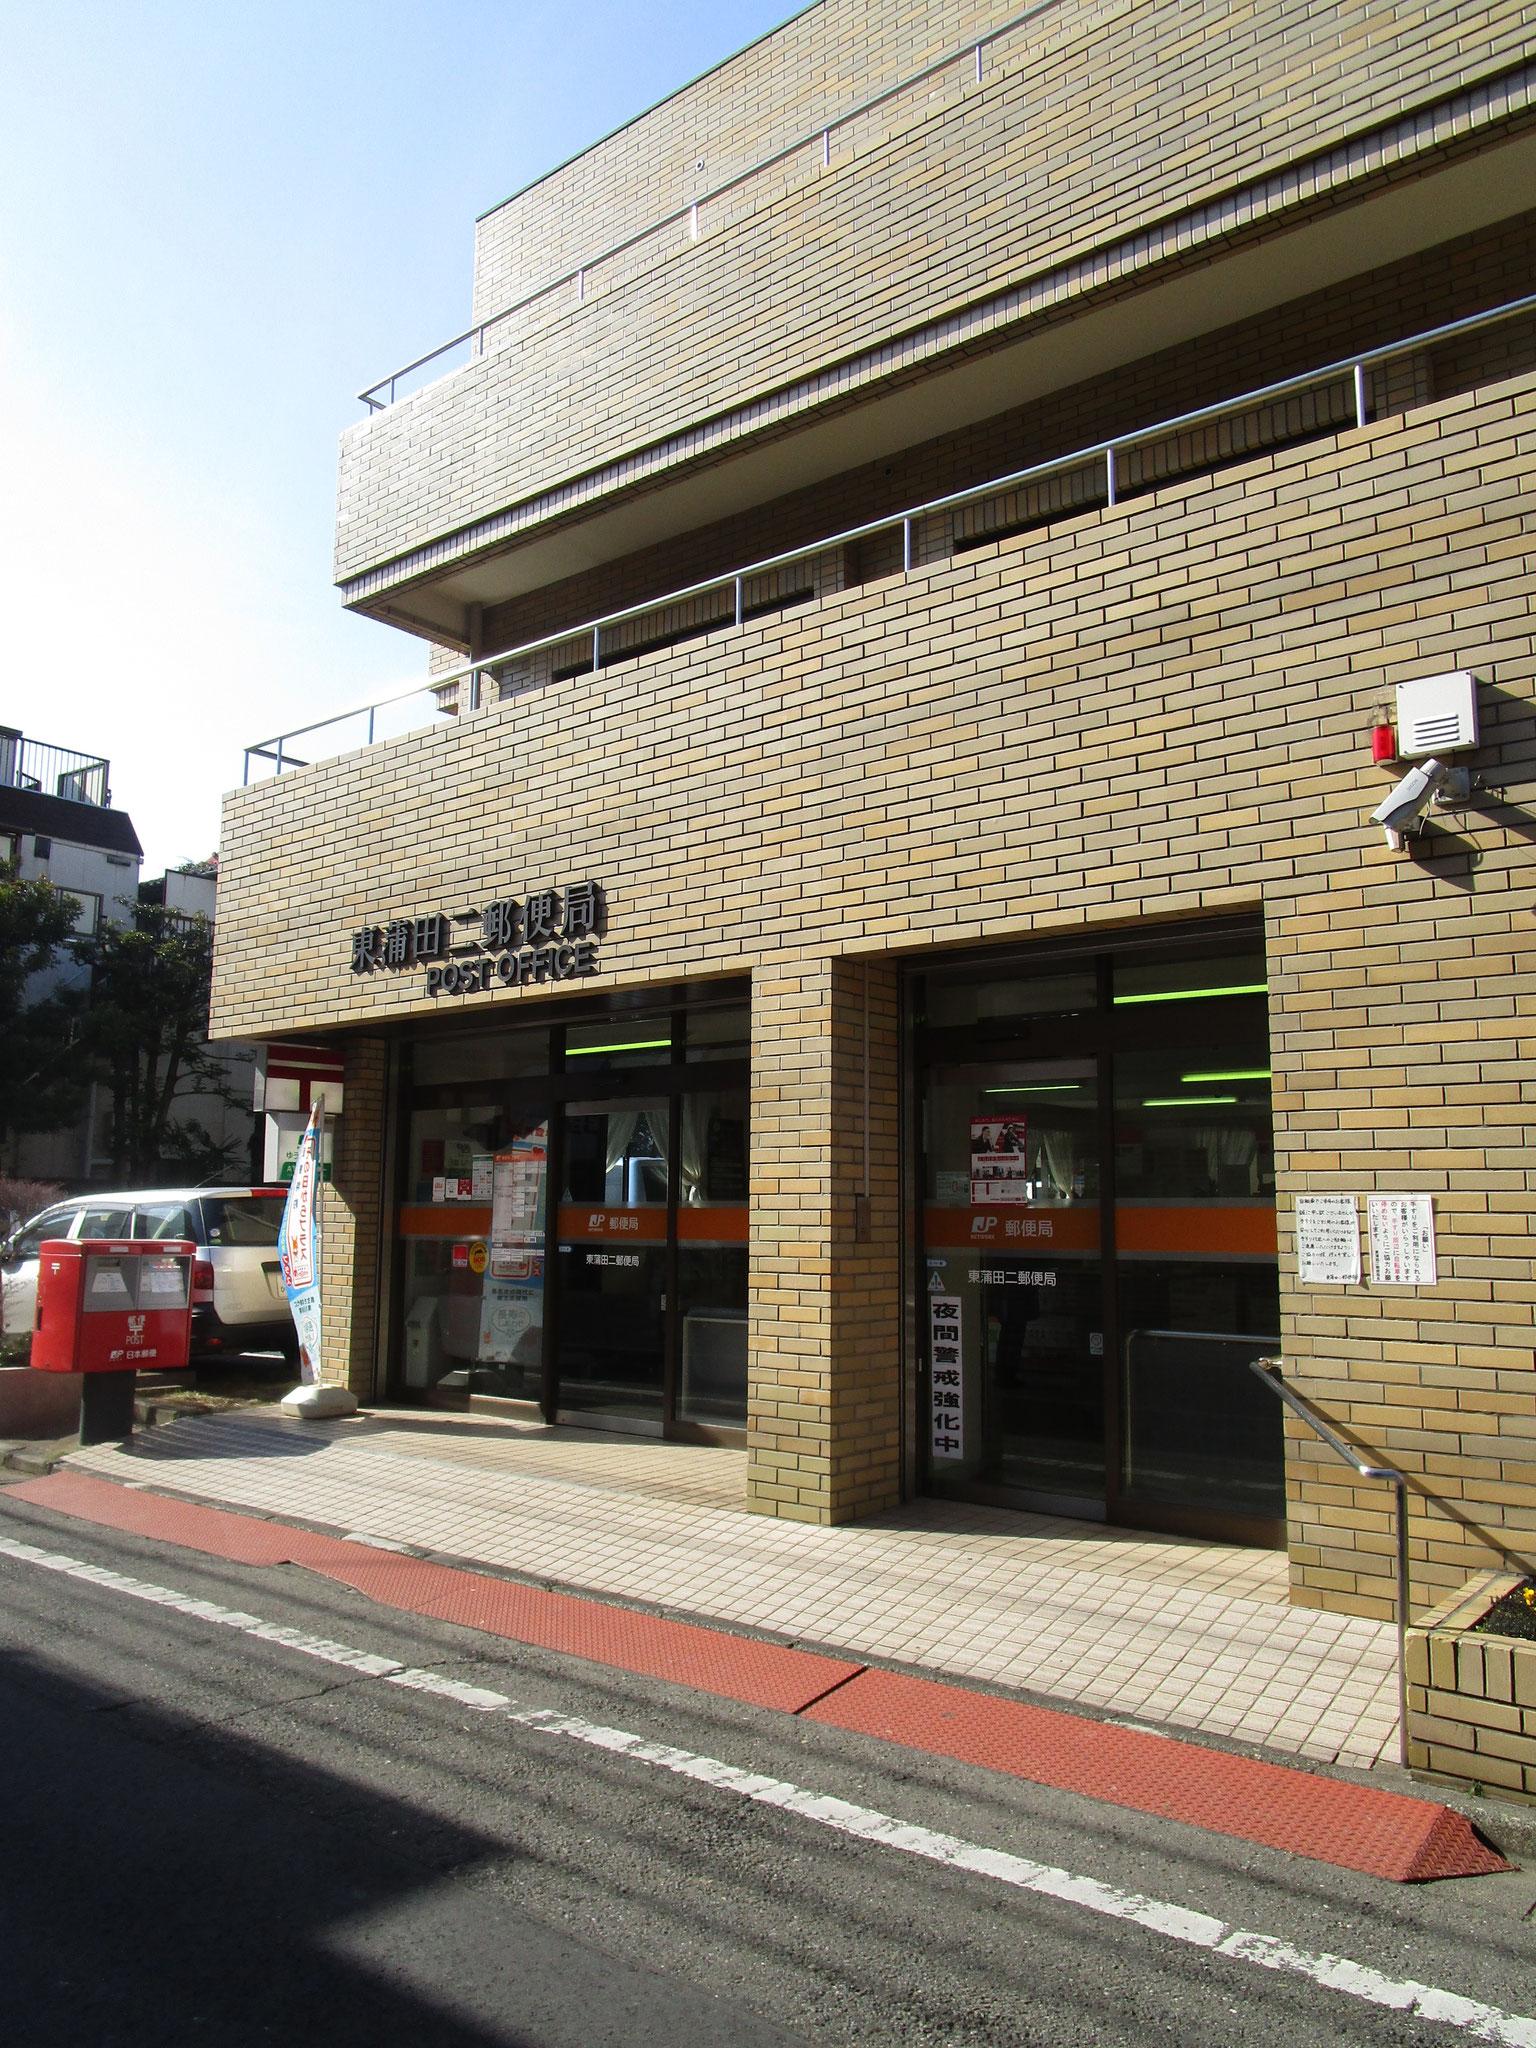 通りからすぐの所にある東蒲田二丁目郵便局